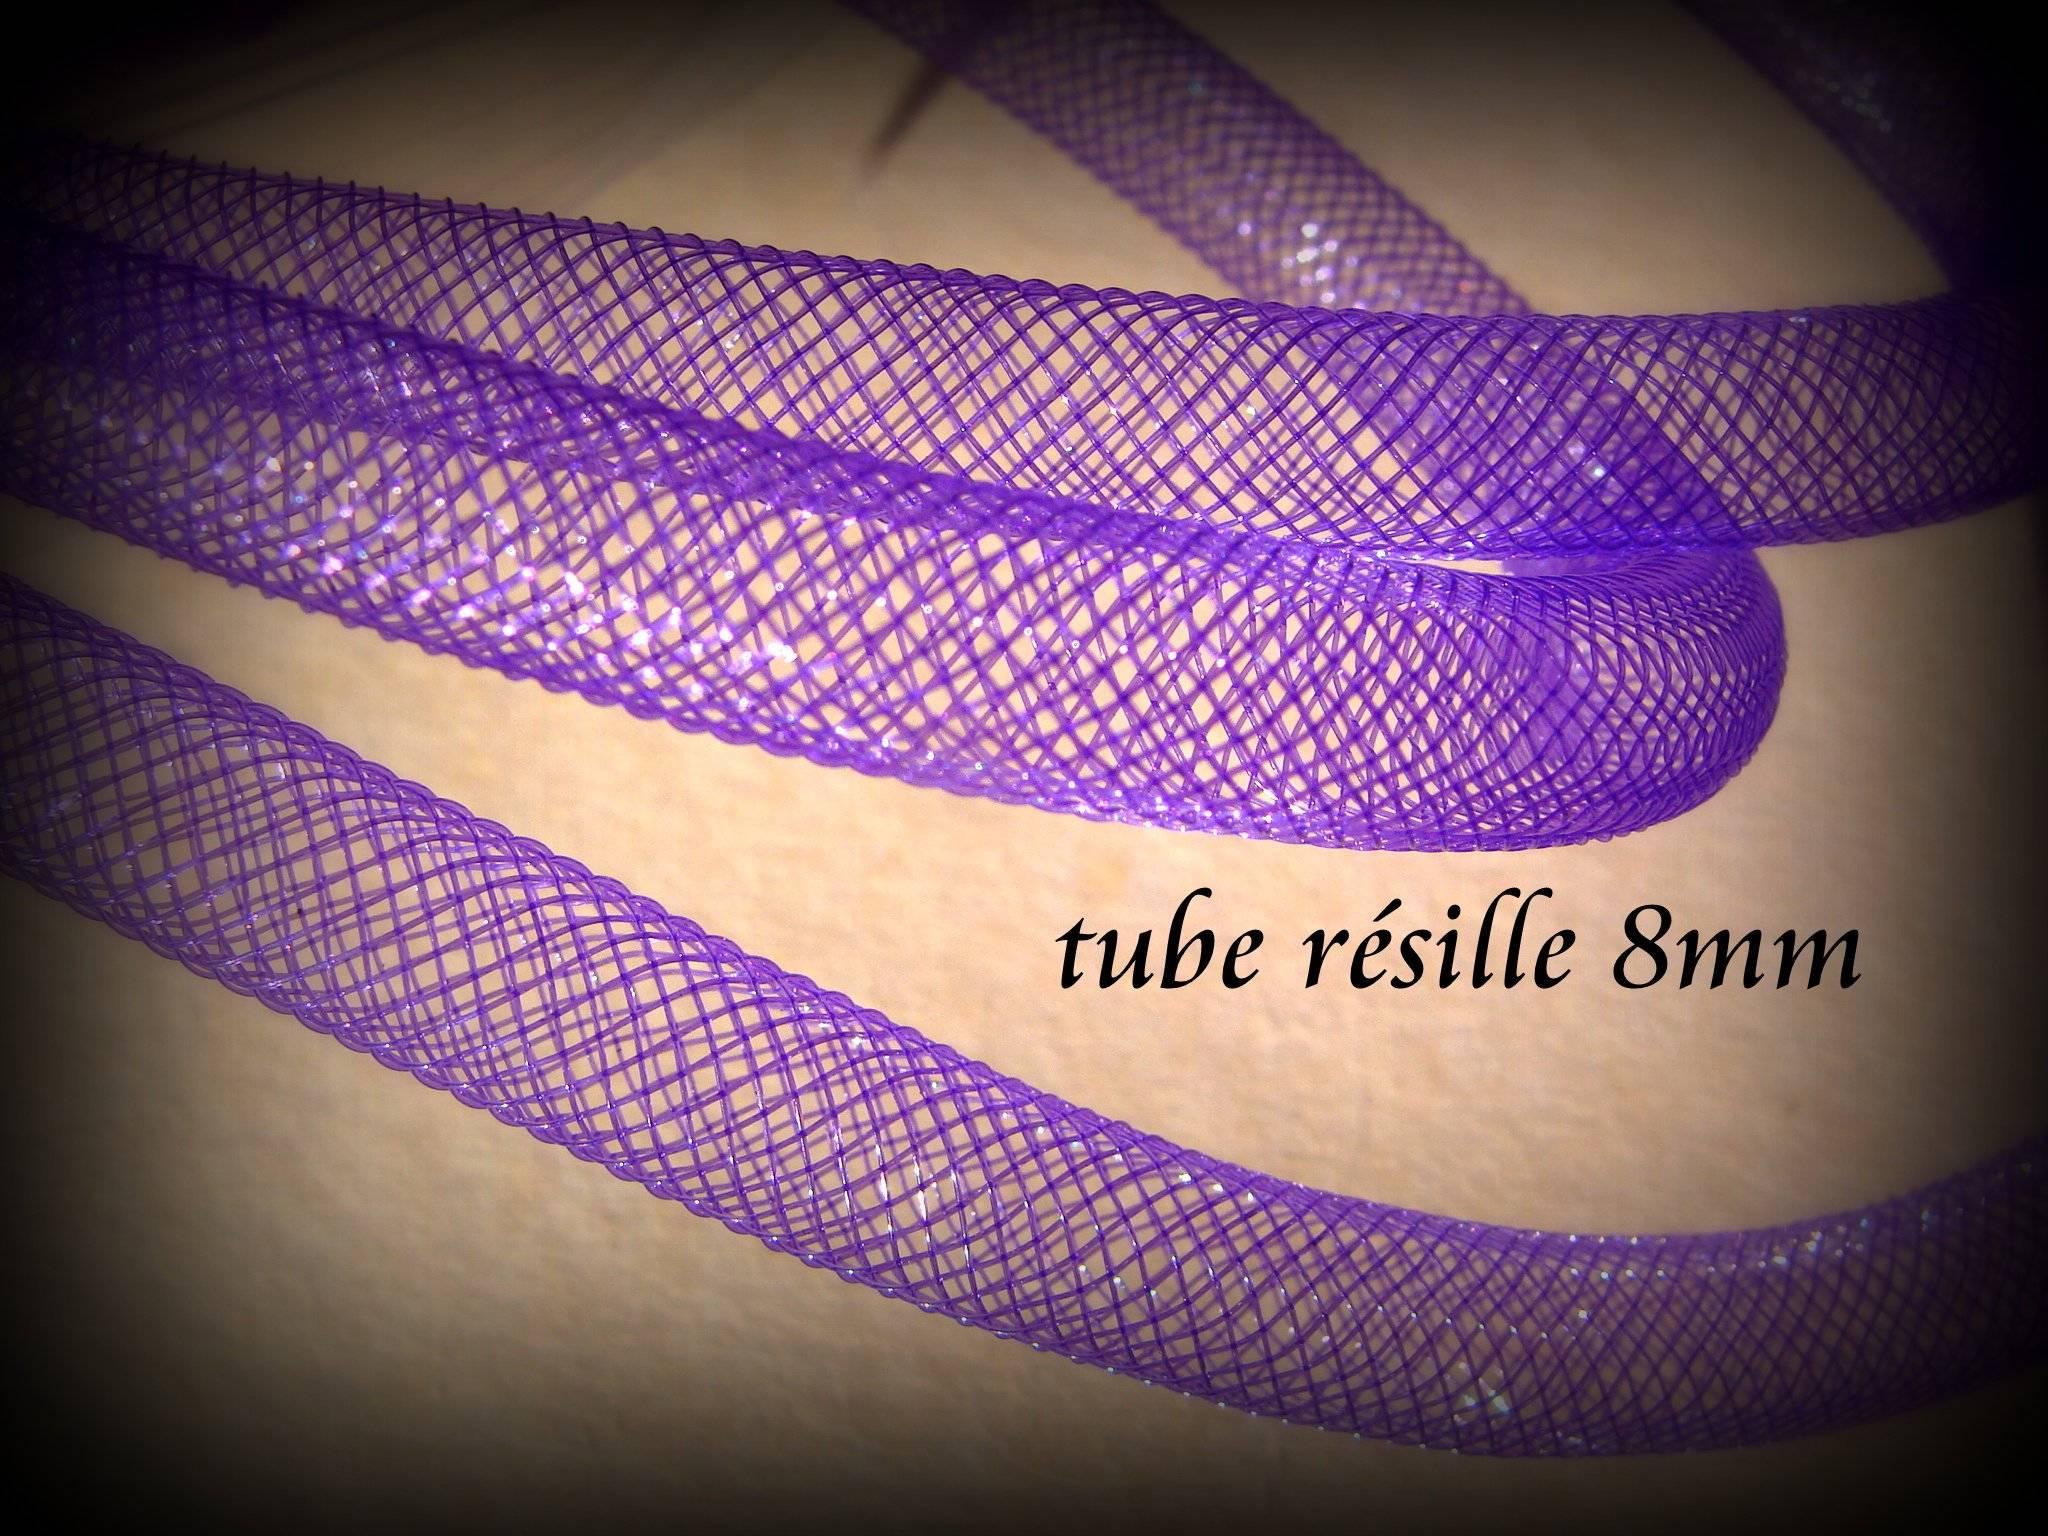 Résille tubulaire violet pour la création de bijoux fantaisie, 1 mètre de tube résille en plastique violet de 8mm